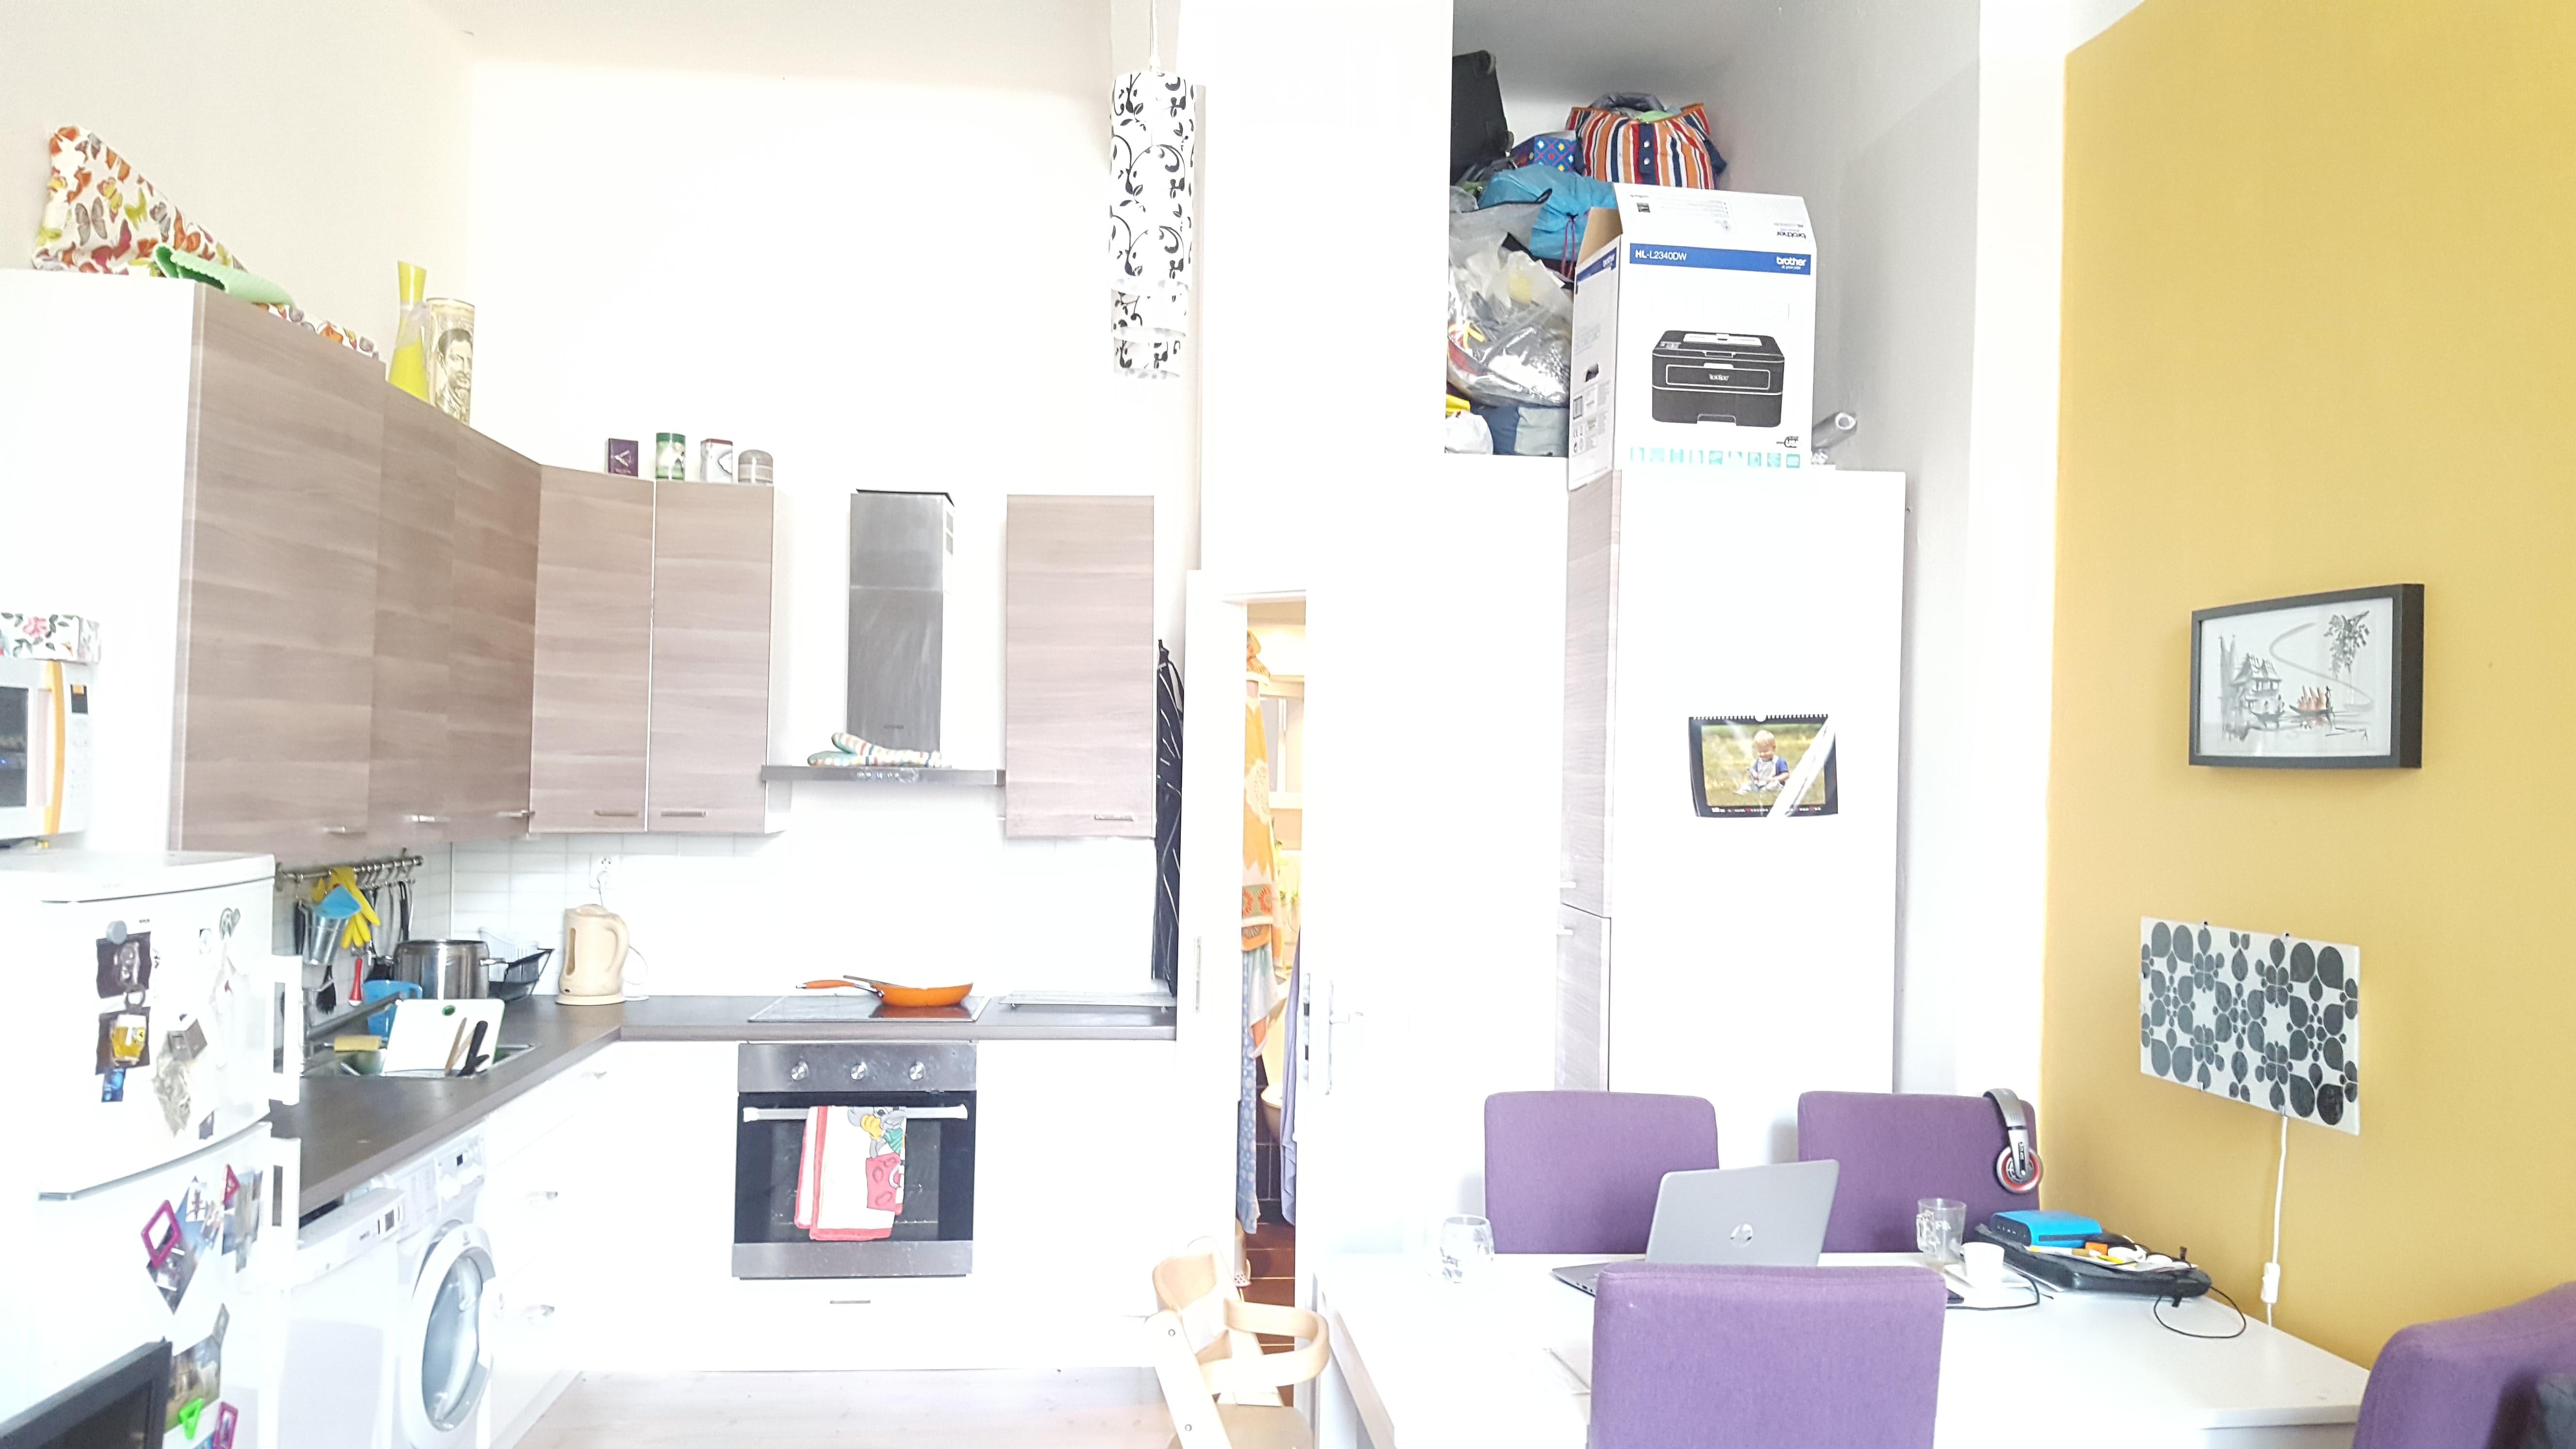 למכירה בשכונת Liben בפראג 8 דירת 2+KK בגודל 42 מר (1)